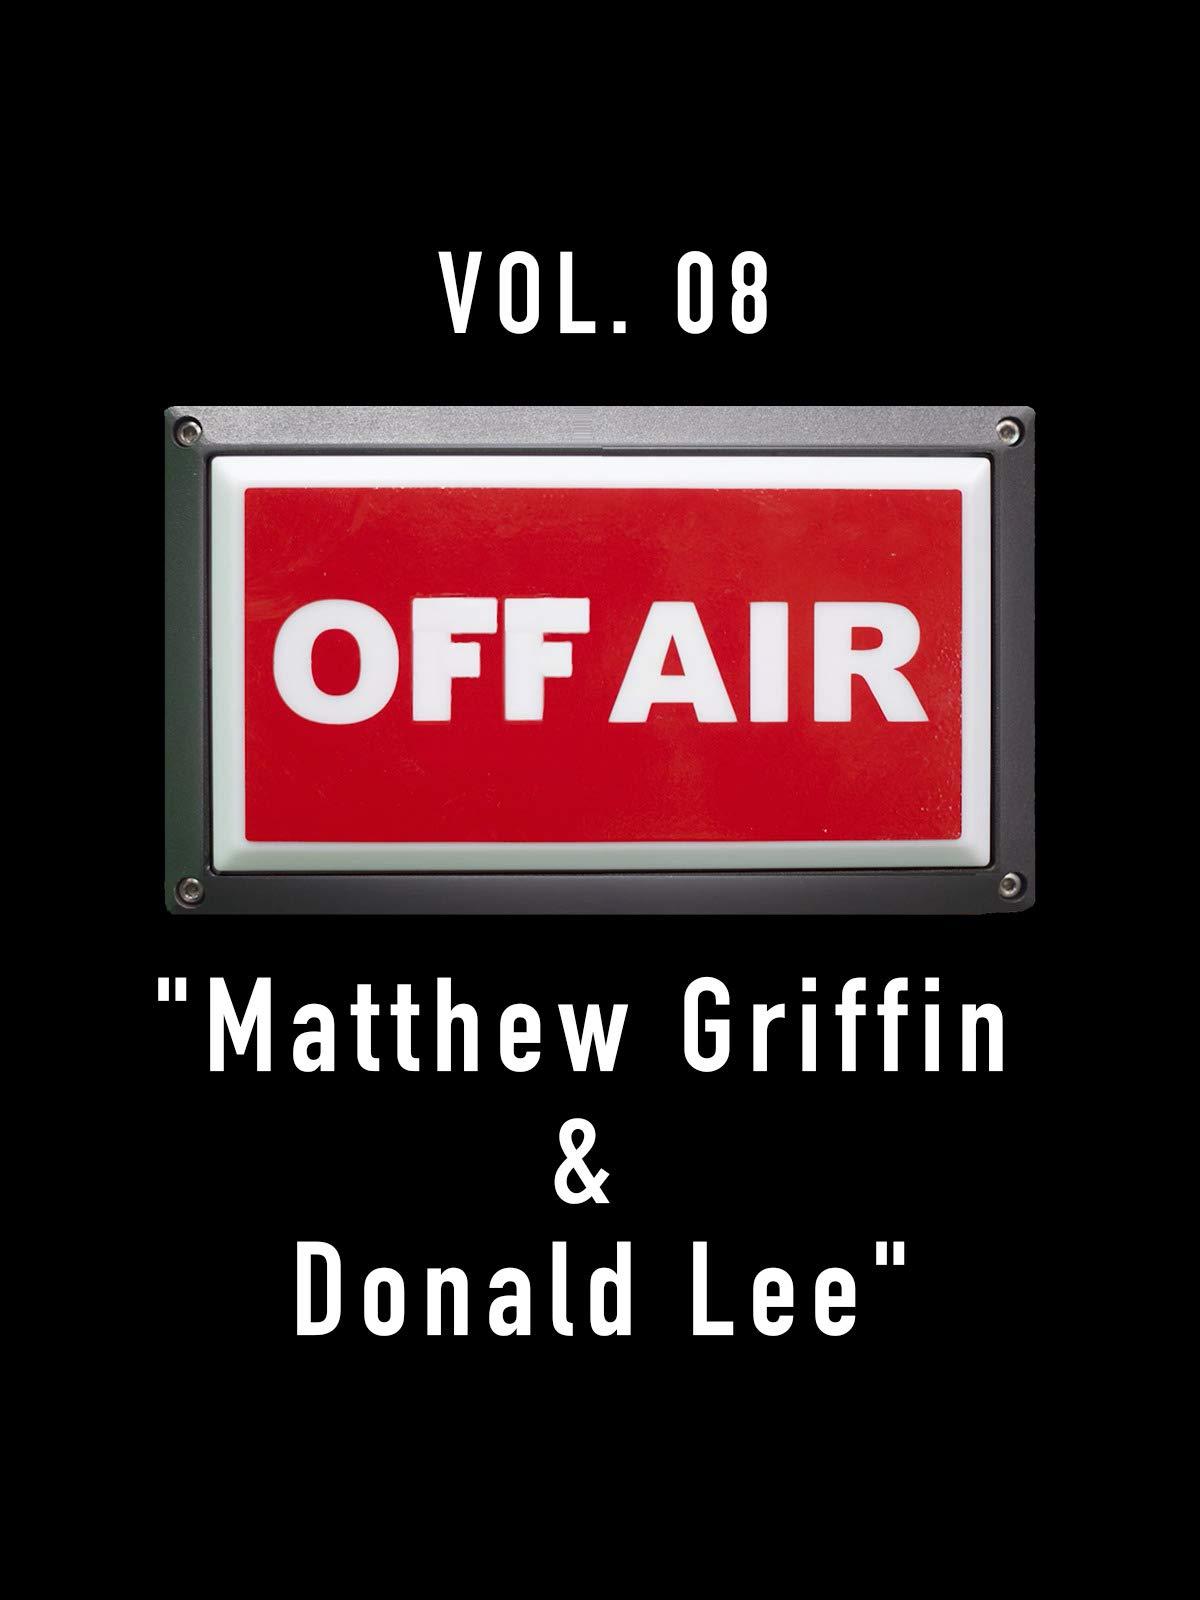 Off-Air Vol. 08